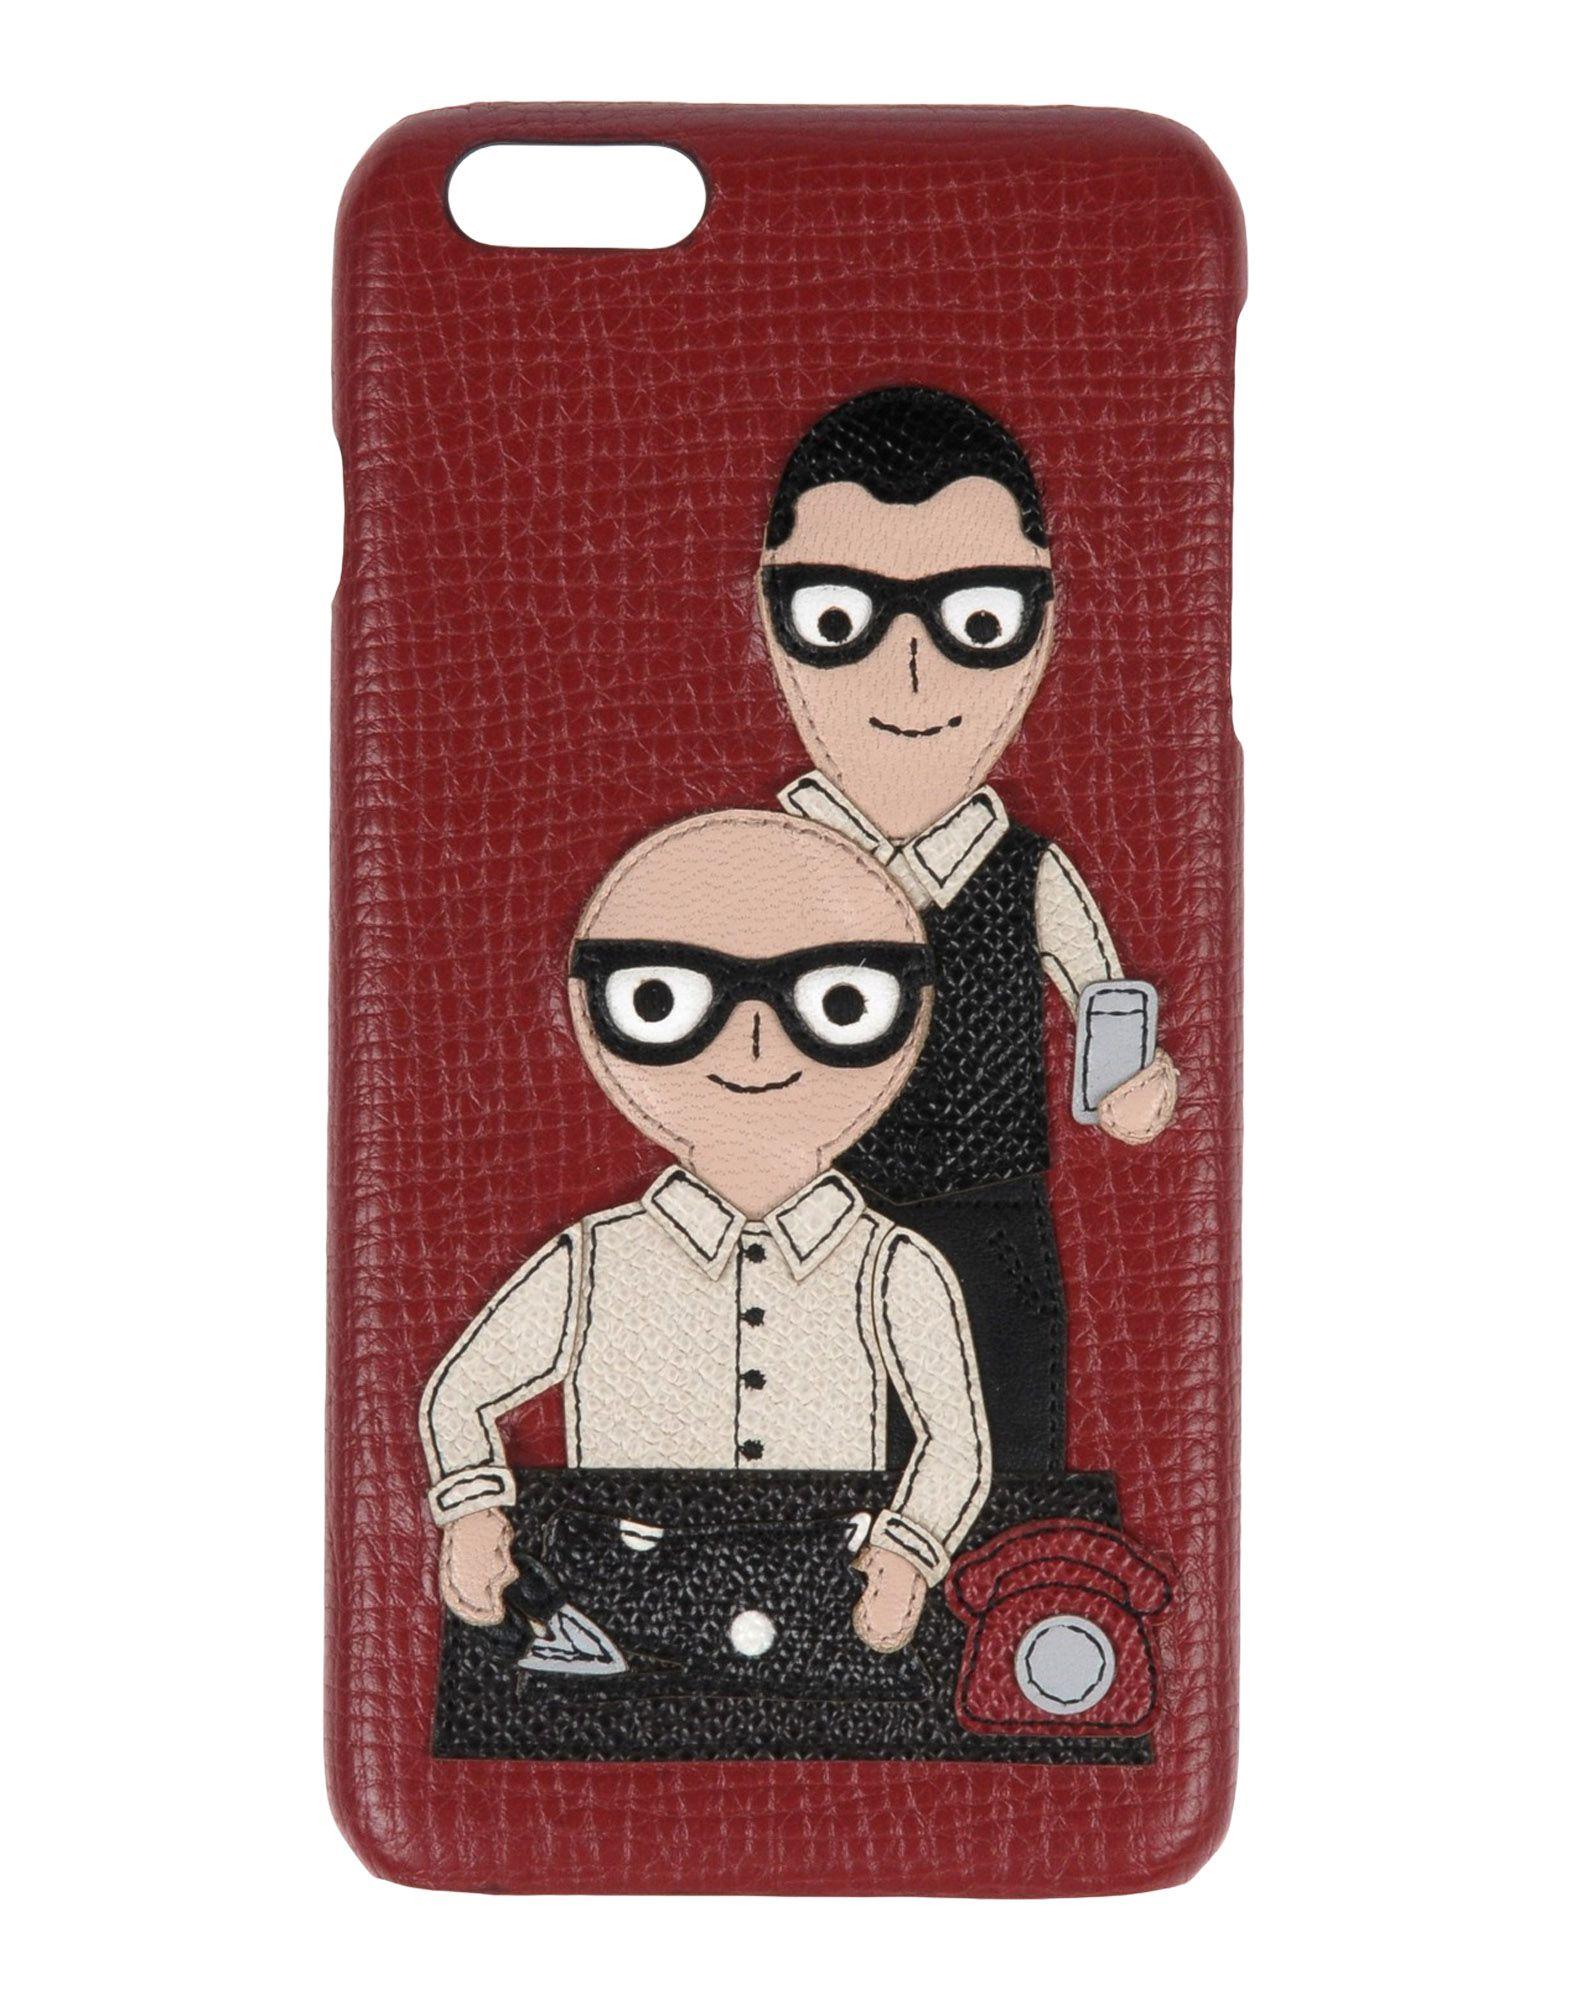 DOLCE & GABBANA Чехол браун роуз дизайн кожа pu откидная крышка бумажника карты держатель чехол для iphone 6s